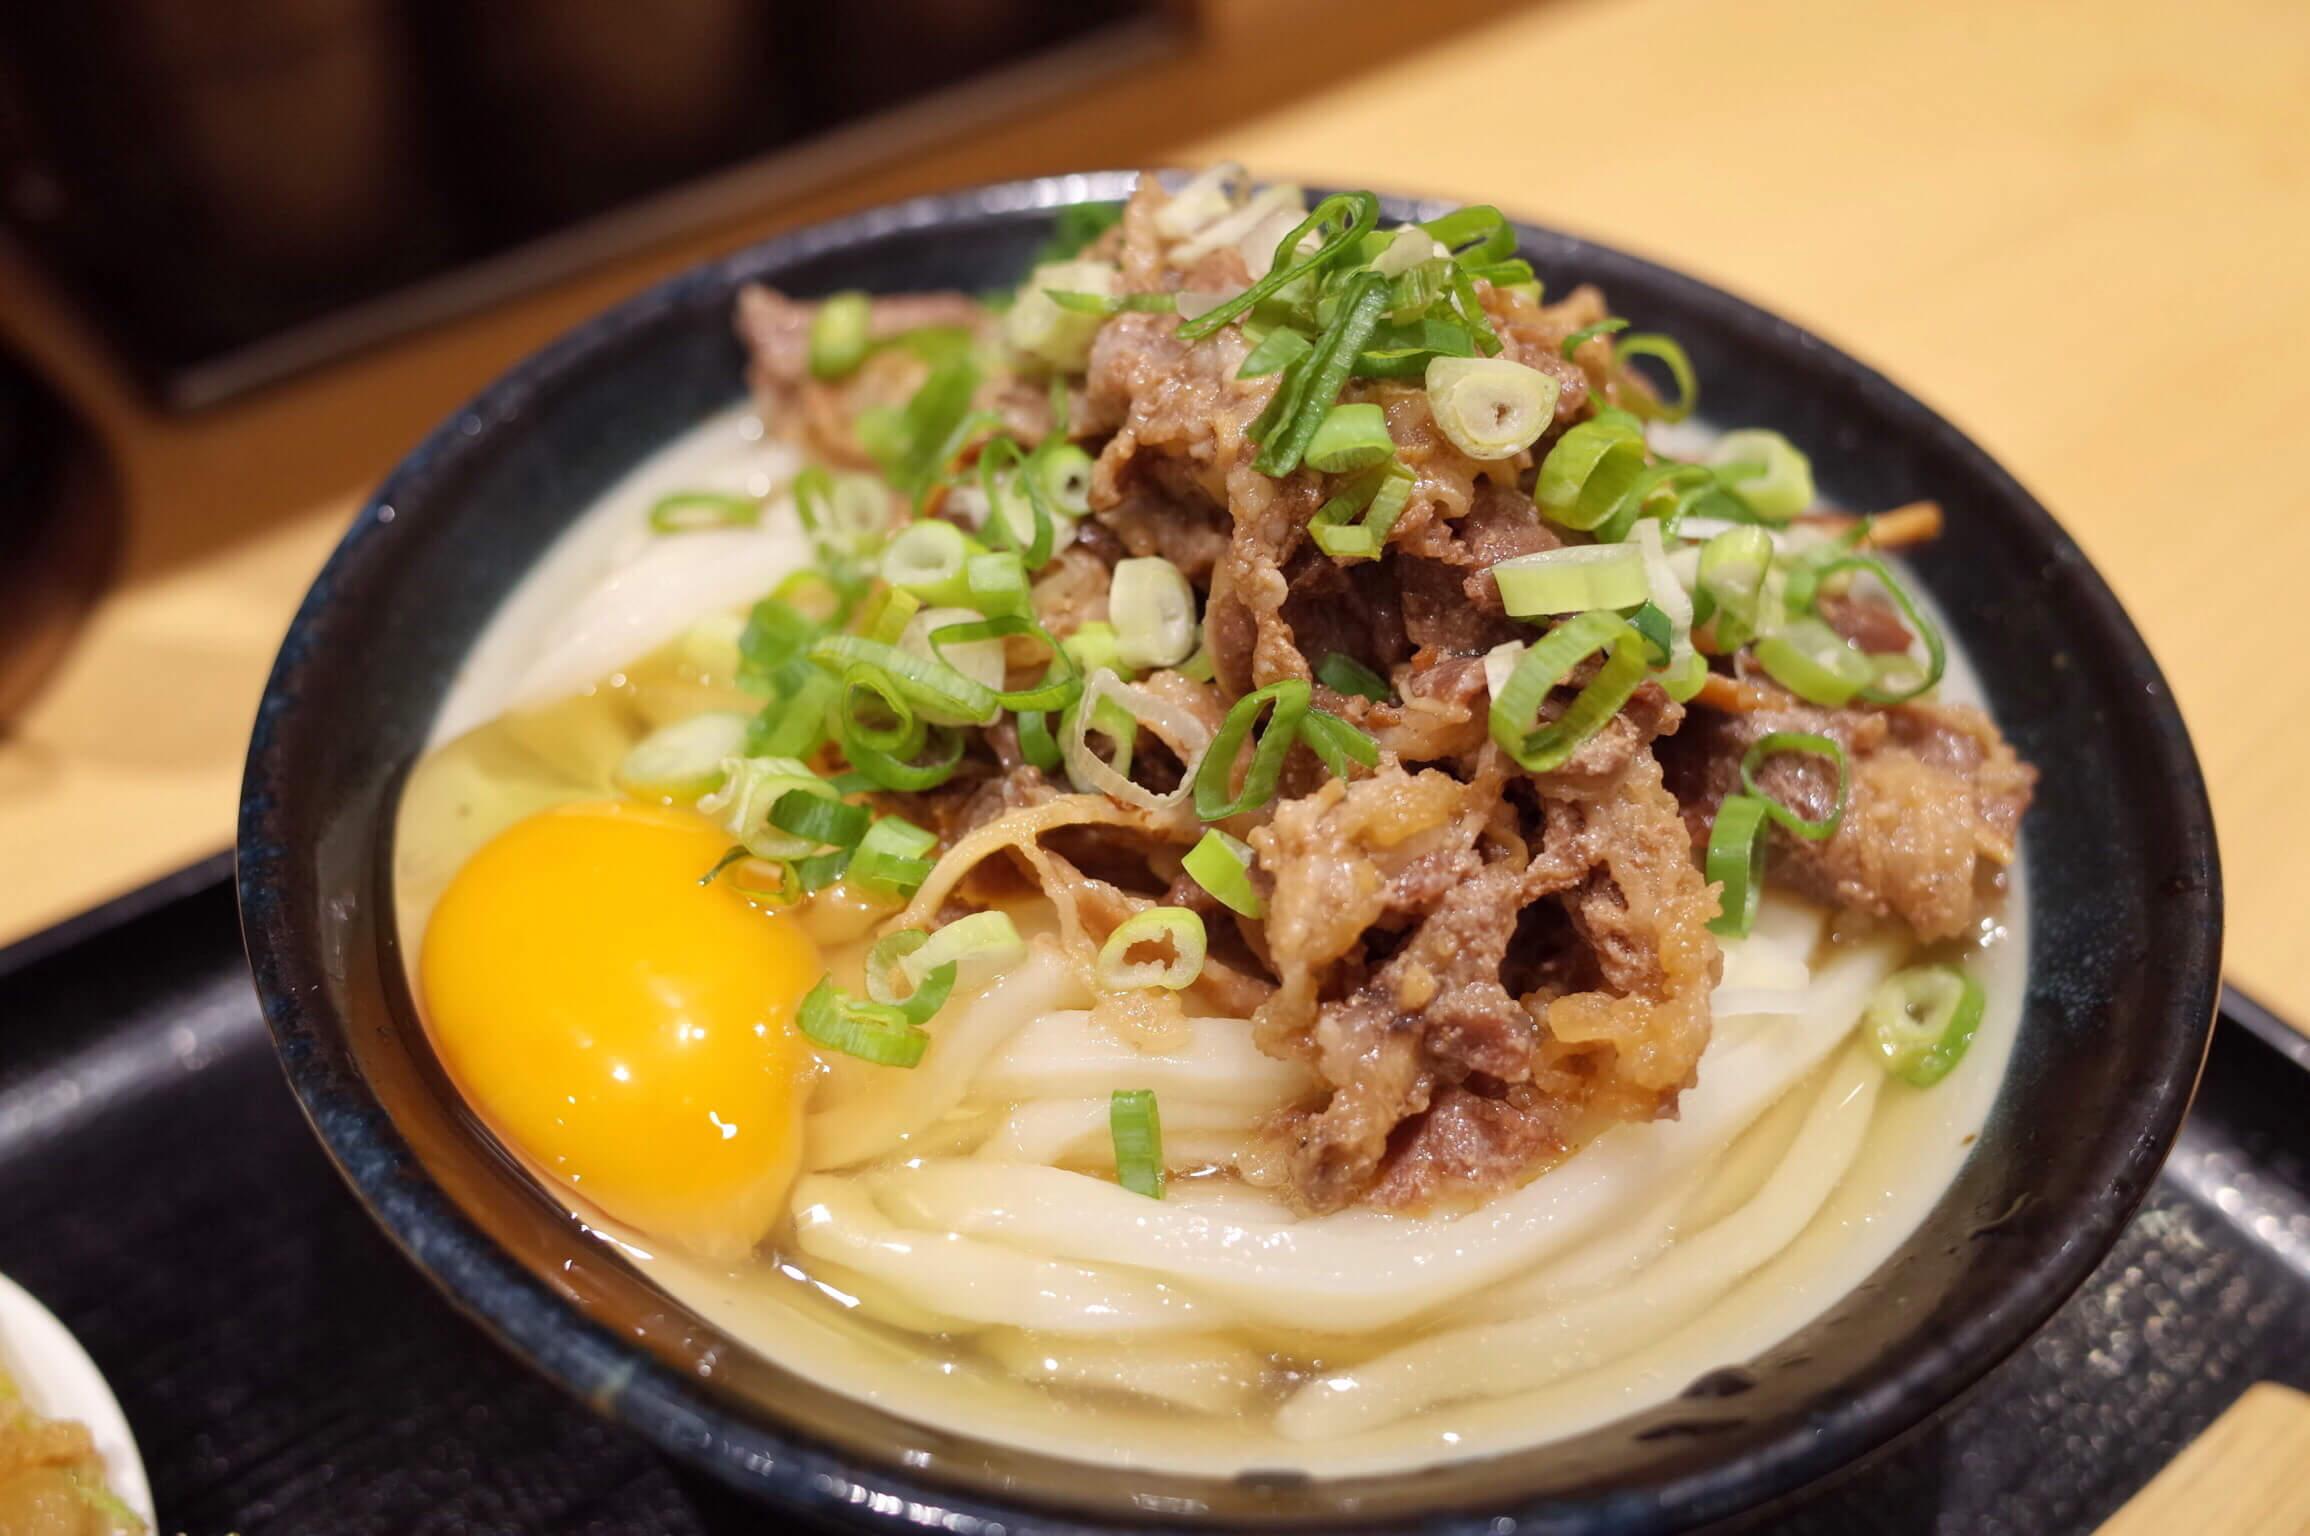 日本橋讃岐うどん ほし野 〜 コシのある麺とこだわりのいりこ出汁がお手軽価格で食べられる